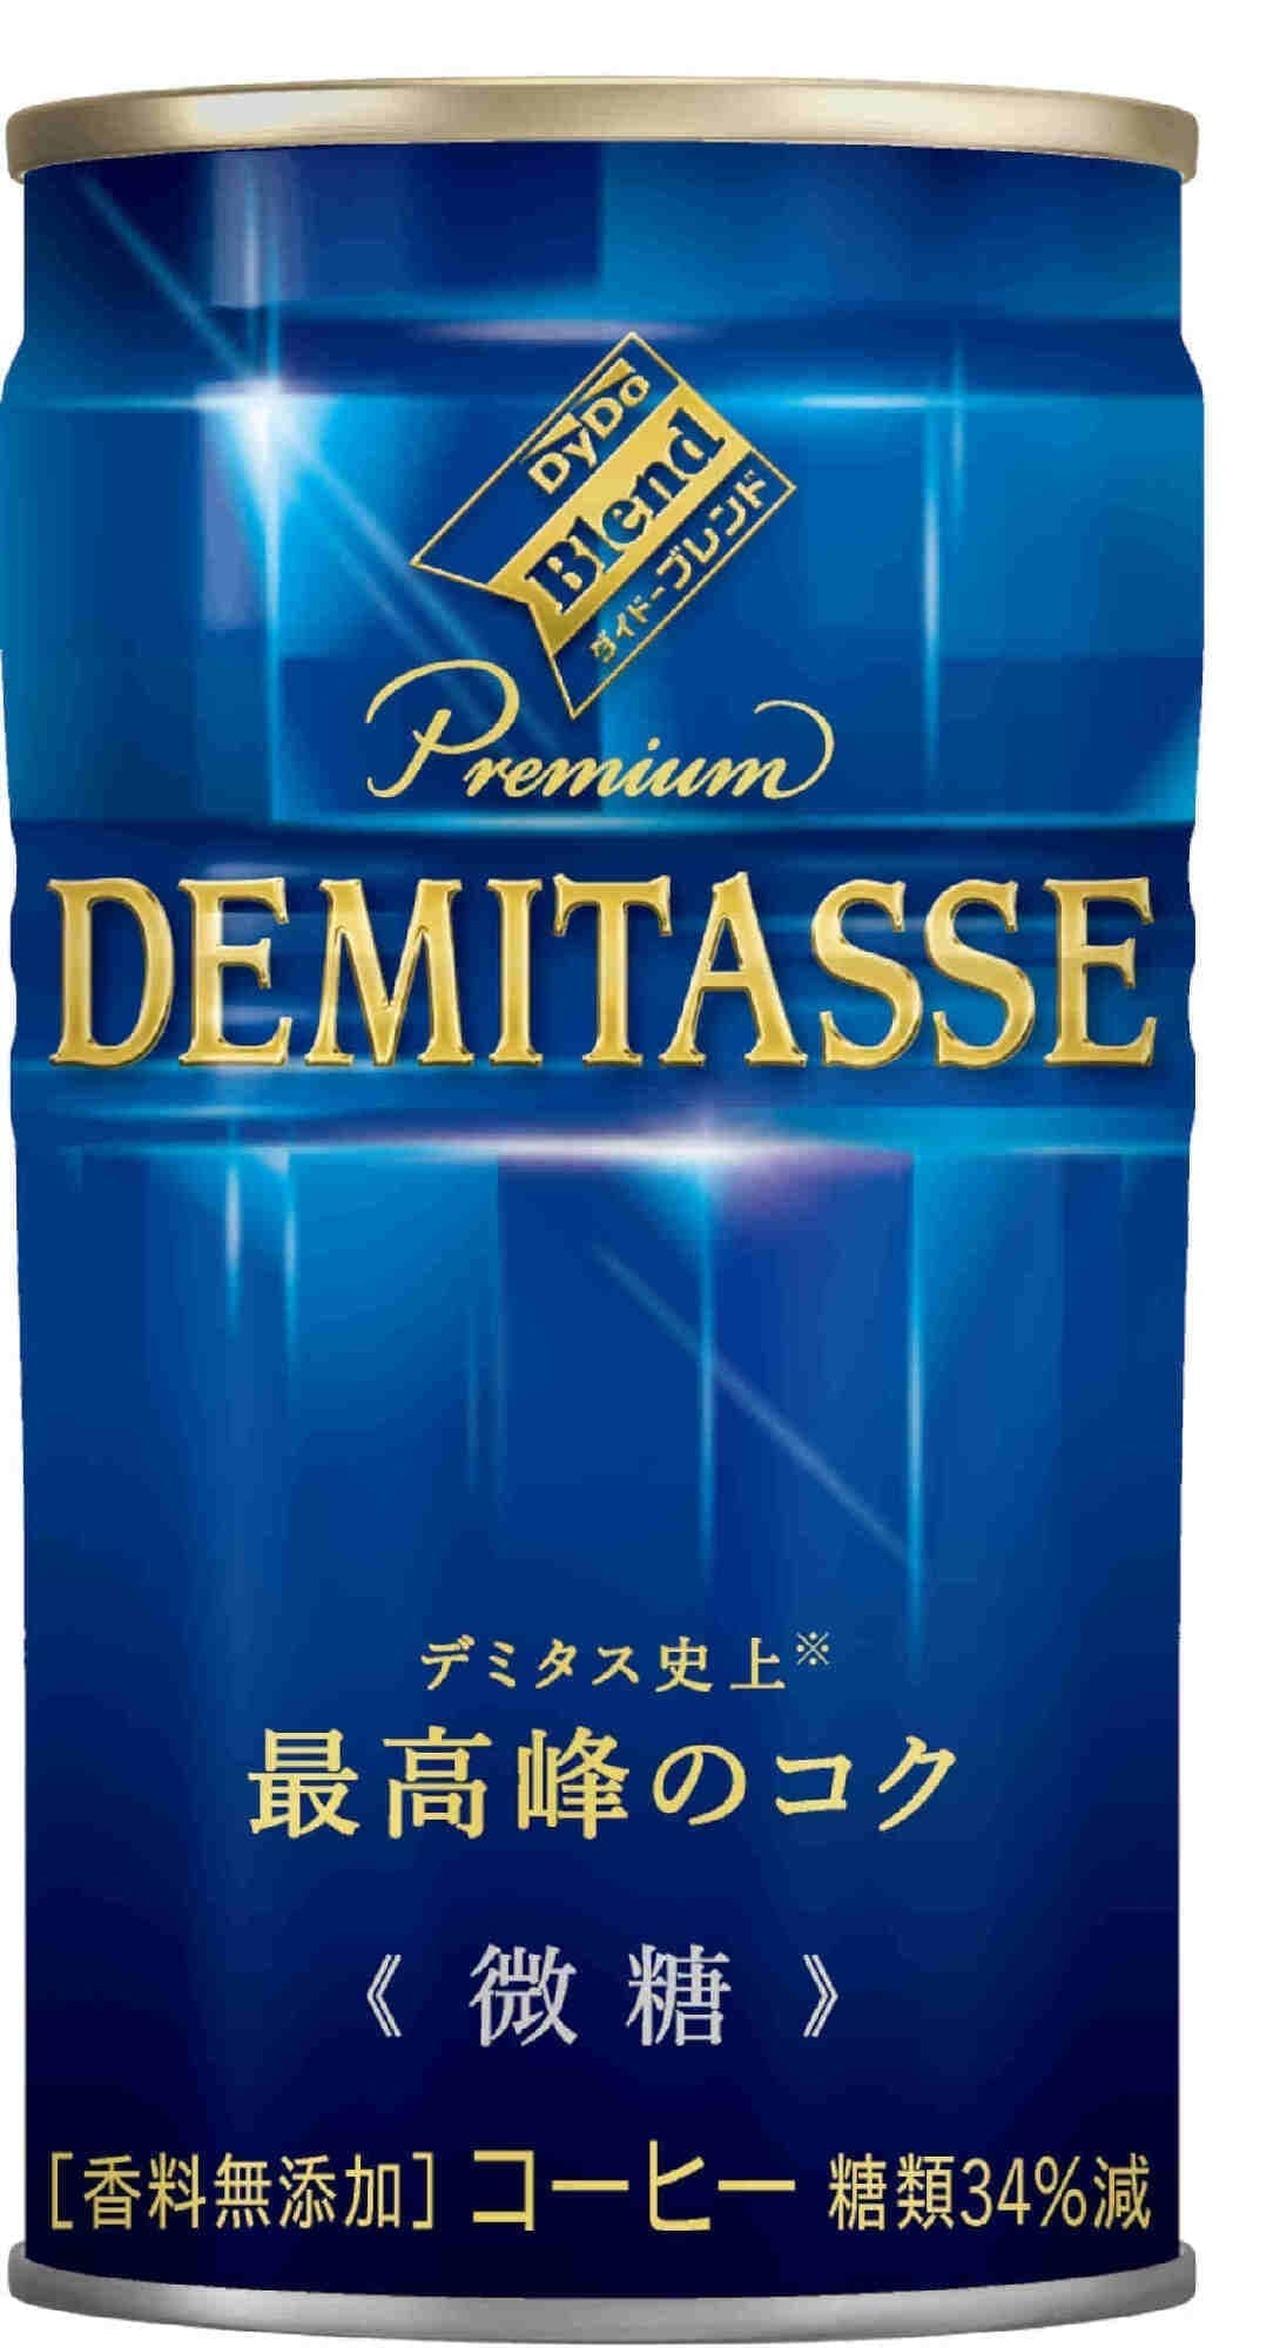 「ダイドーブレンドプレミアム デミタス」豆量1.5倍のプレミアム缶コーヒー5種